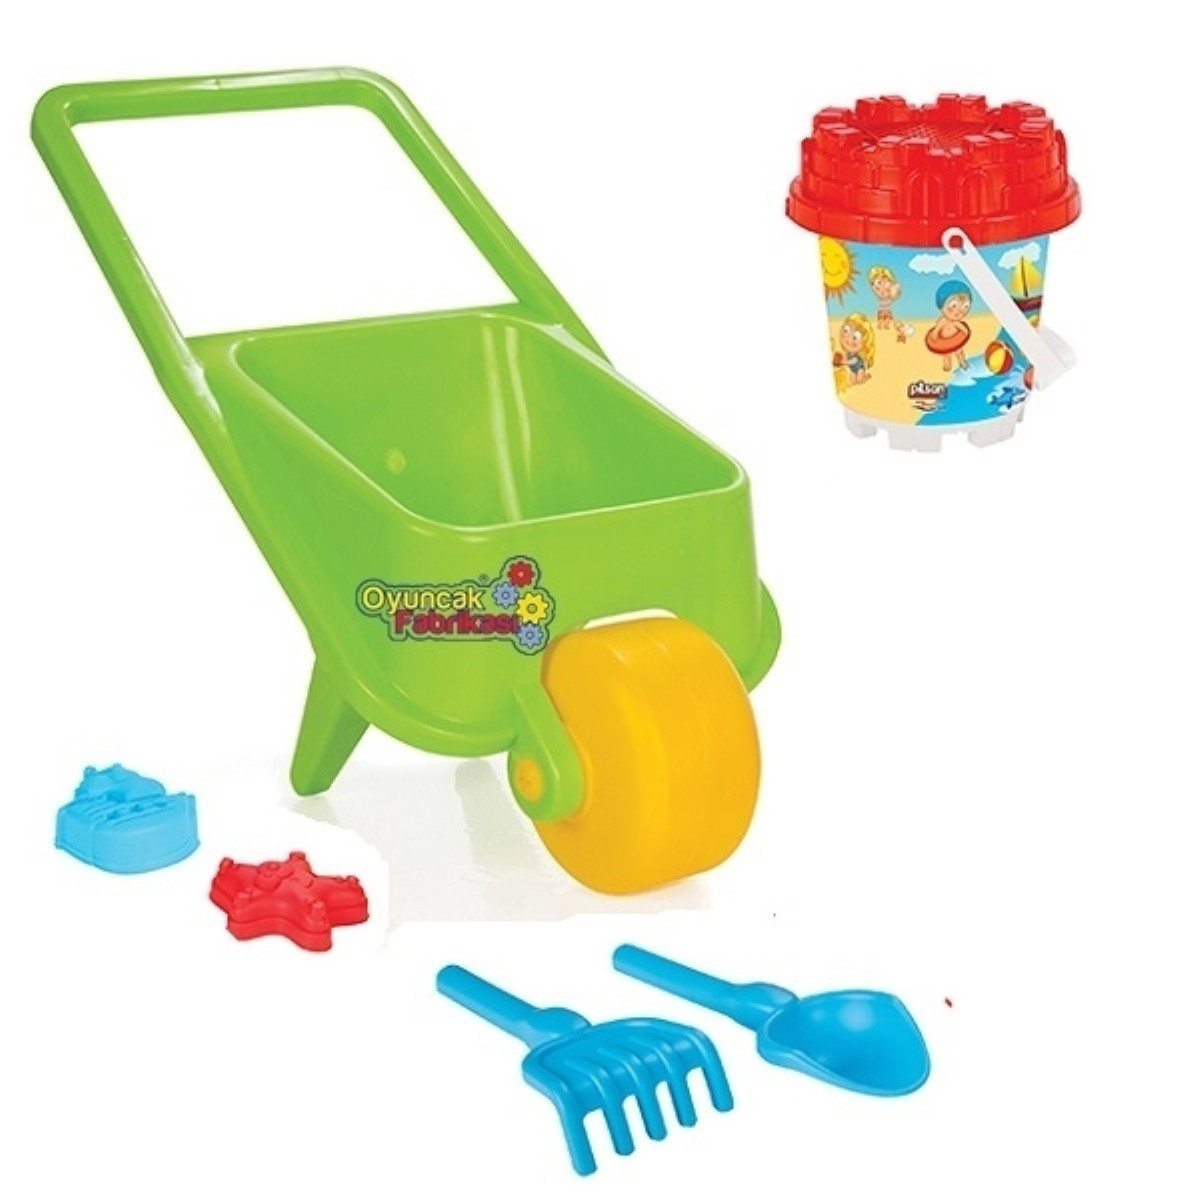 oyuncak fabrikasi el arabasi oyuncagi plastik oyuncaklar akilli ticaret v3 tema